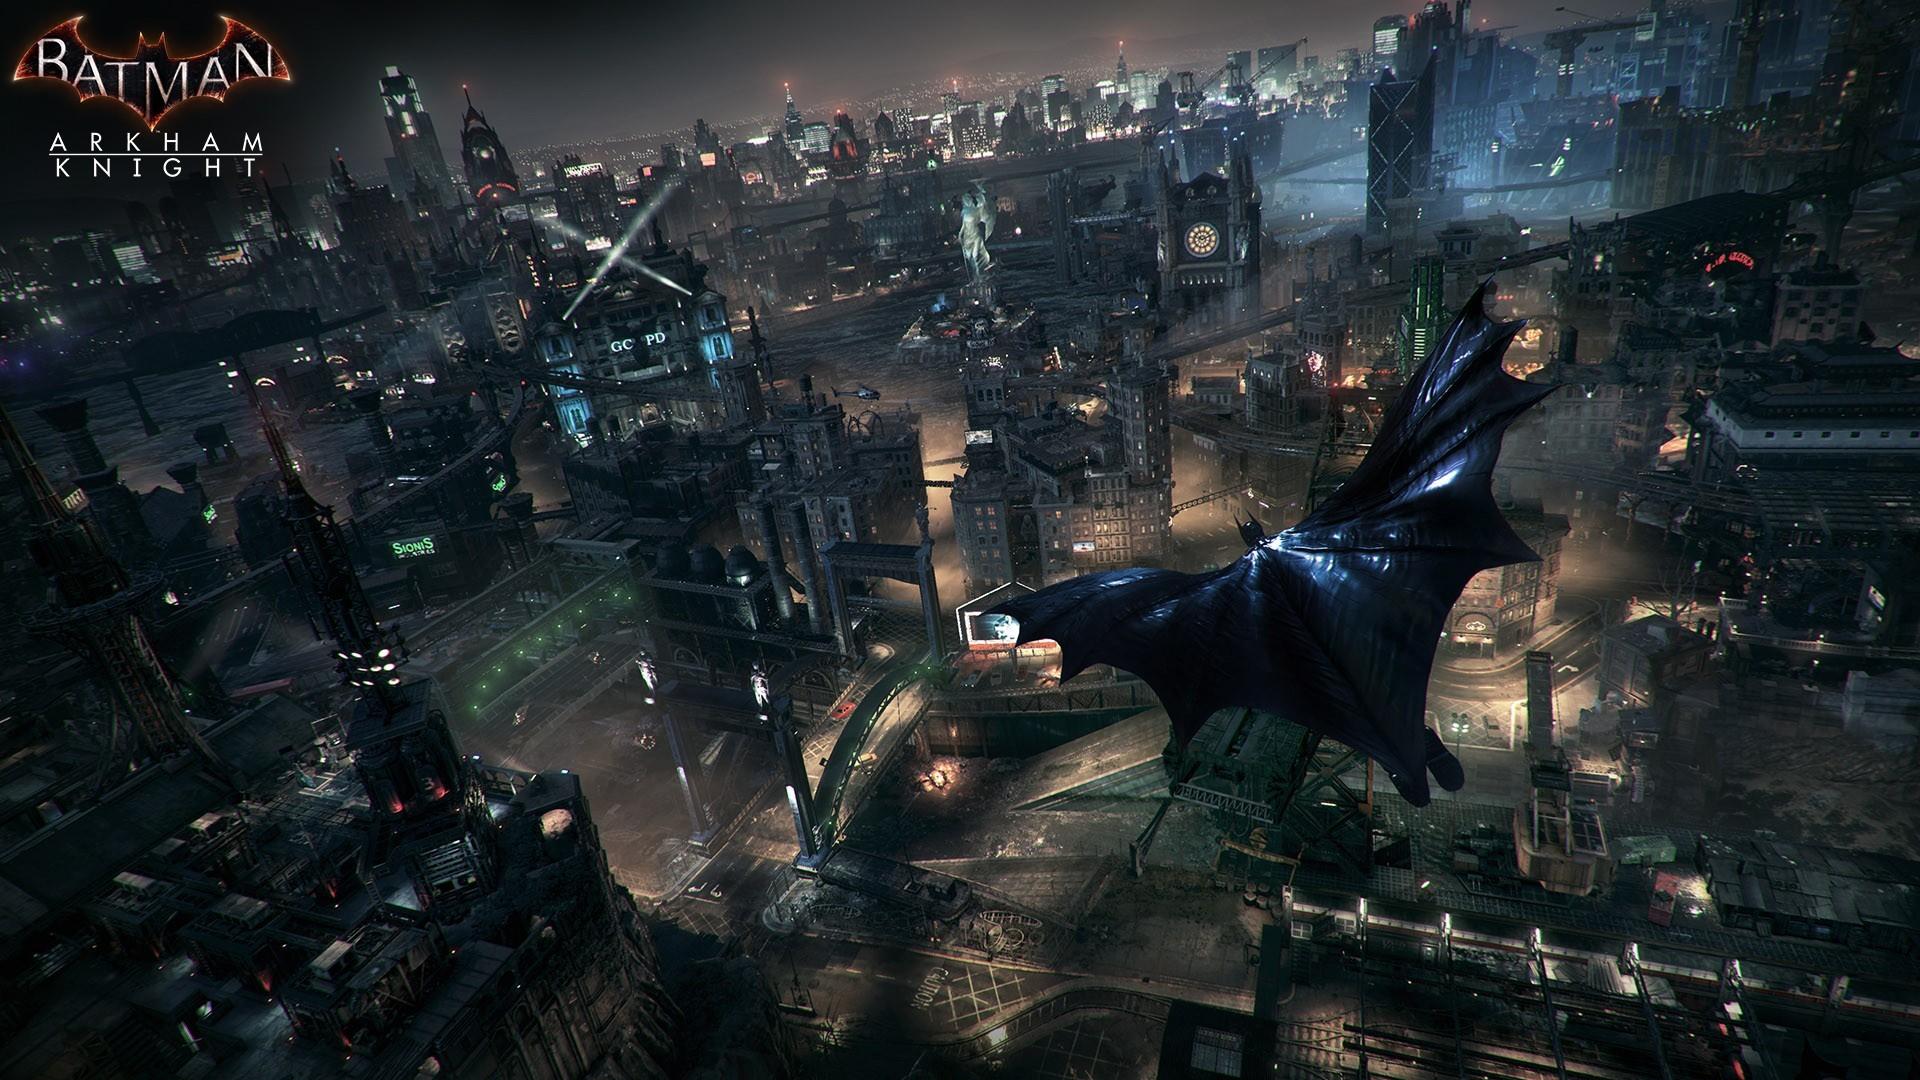 … Batman Gliding Wallpaper 2 …